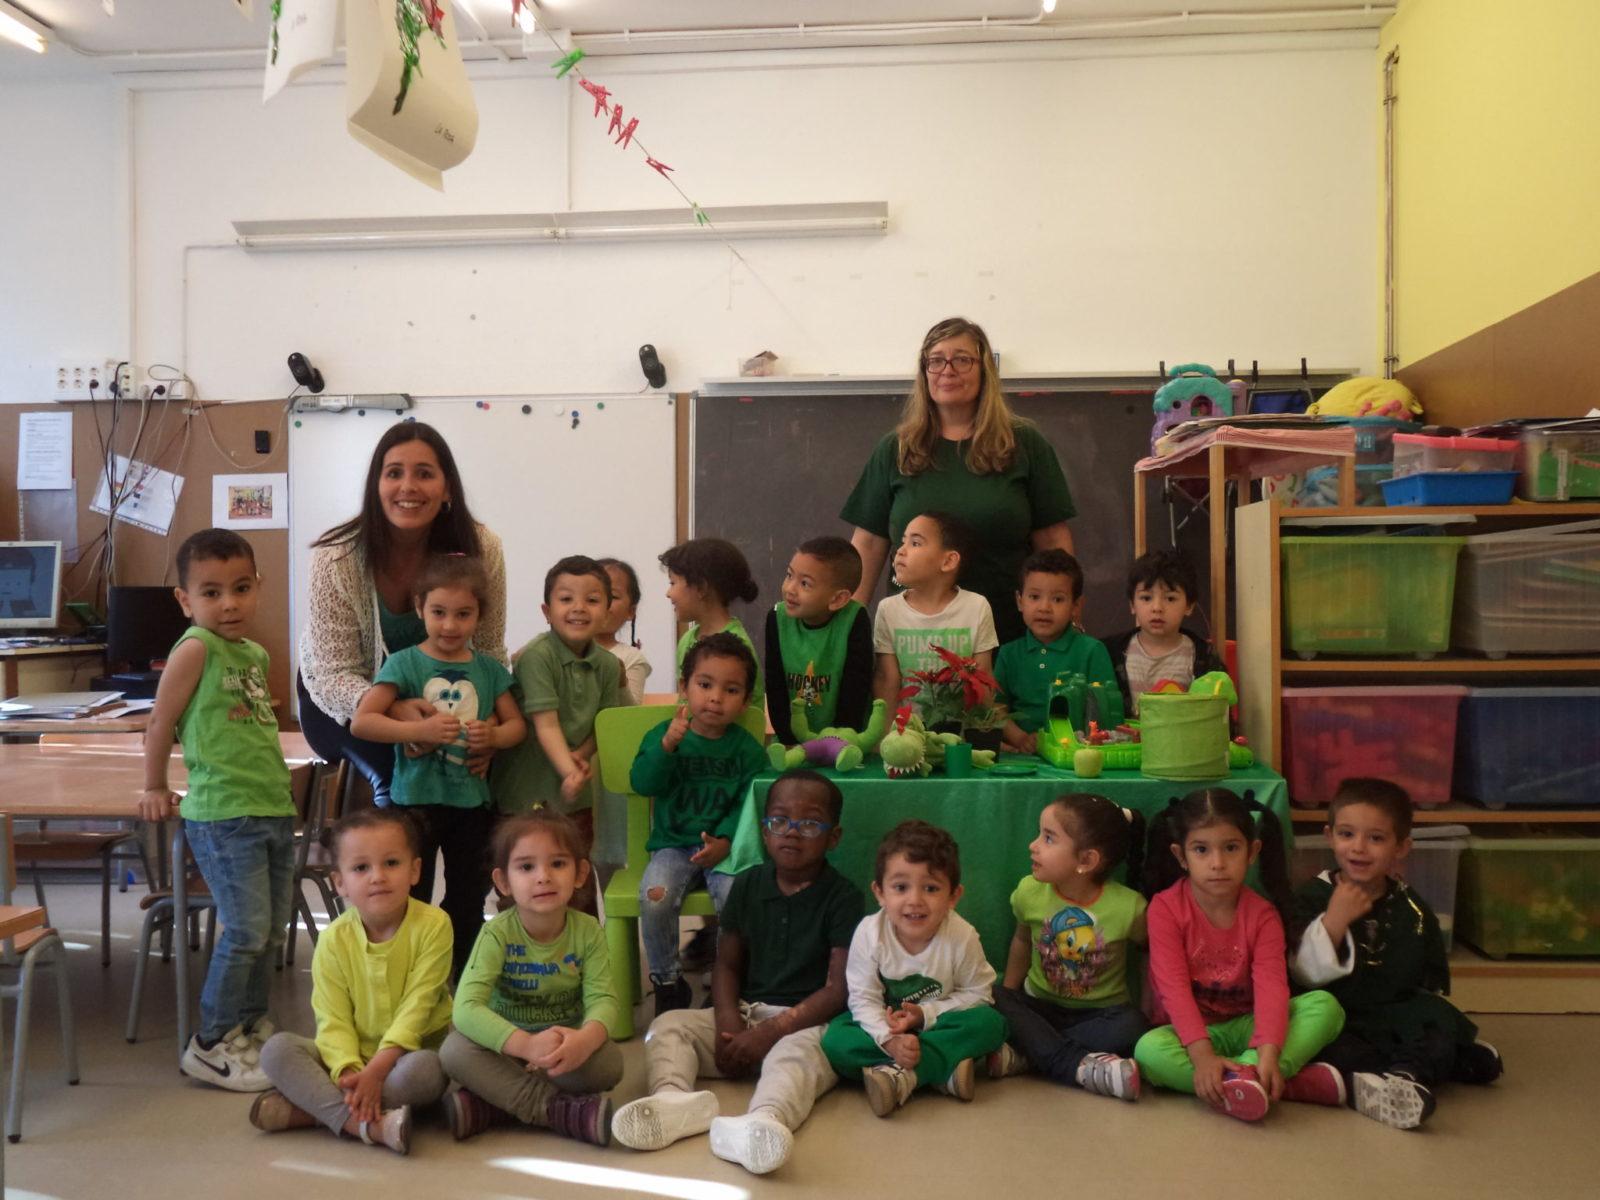 Els nens i les nenes de P-3 juguen  i experimenten amb el color verd